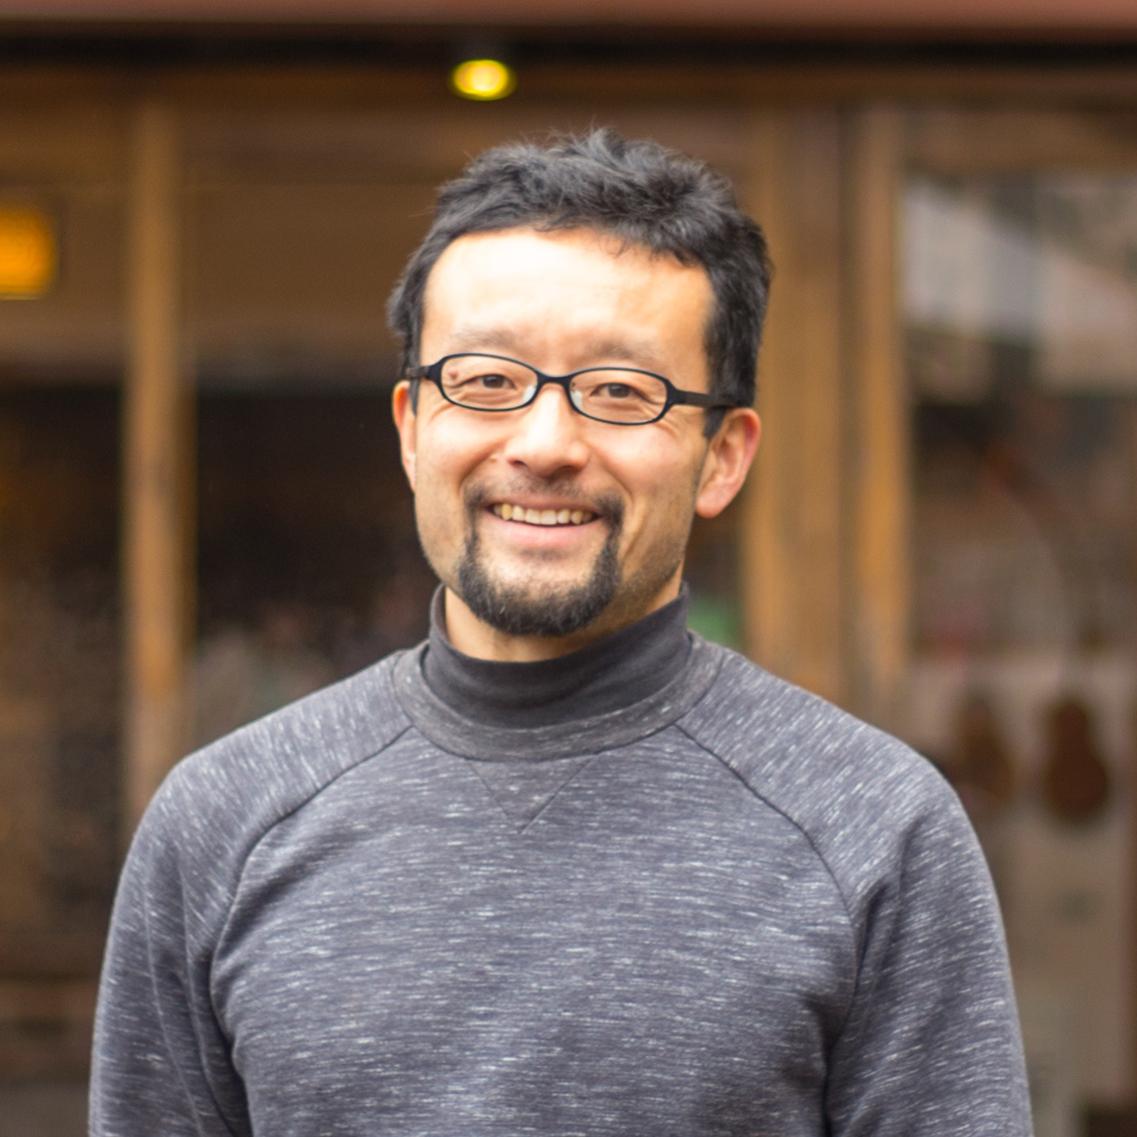 安藤義和さんが経営する〈NARAYA CAFE〉(ナラヤカフェ)は、箱根にある足湯付きの人気のカフェです。安藤さんの祖母の代まで300年続いた〈奈良屋旅館〉の所有していた建物を再生し、妻の恵美さんと切り盛りしています […]